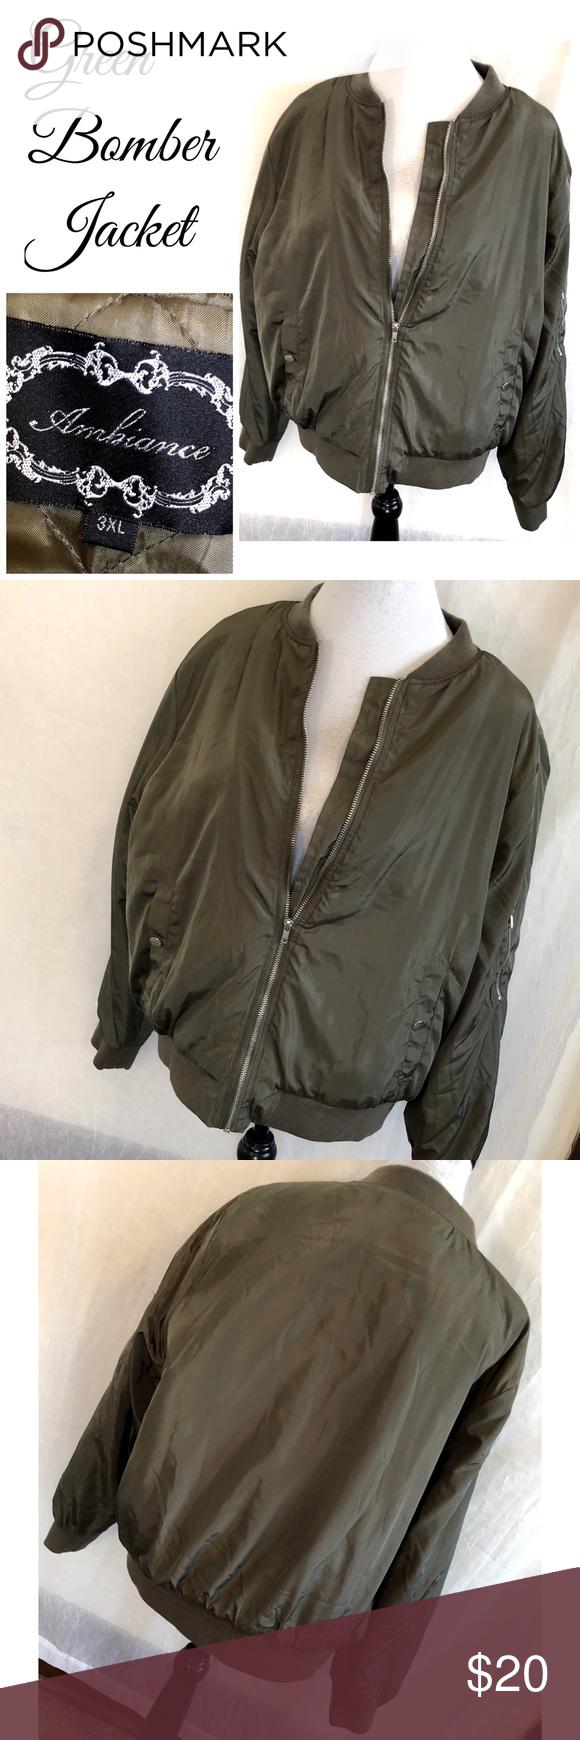 Juniors 3x Green Bomber Jacket Coat Quilted Juniors Plus Size 3x Army Green Color Bomber Jacket Ambiance Bran Bomber Jacket Green Bomber Jacket Clothes Design [ 1740 x 580 Pixel ]